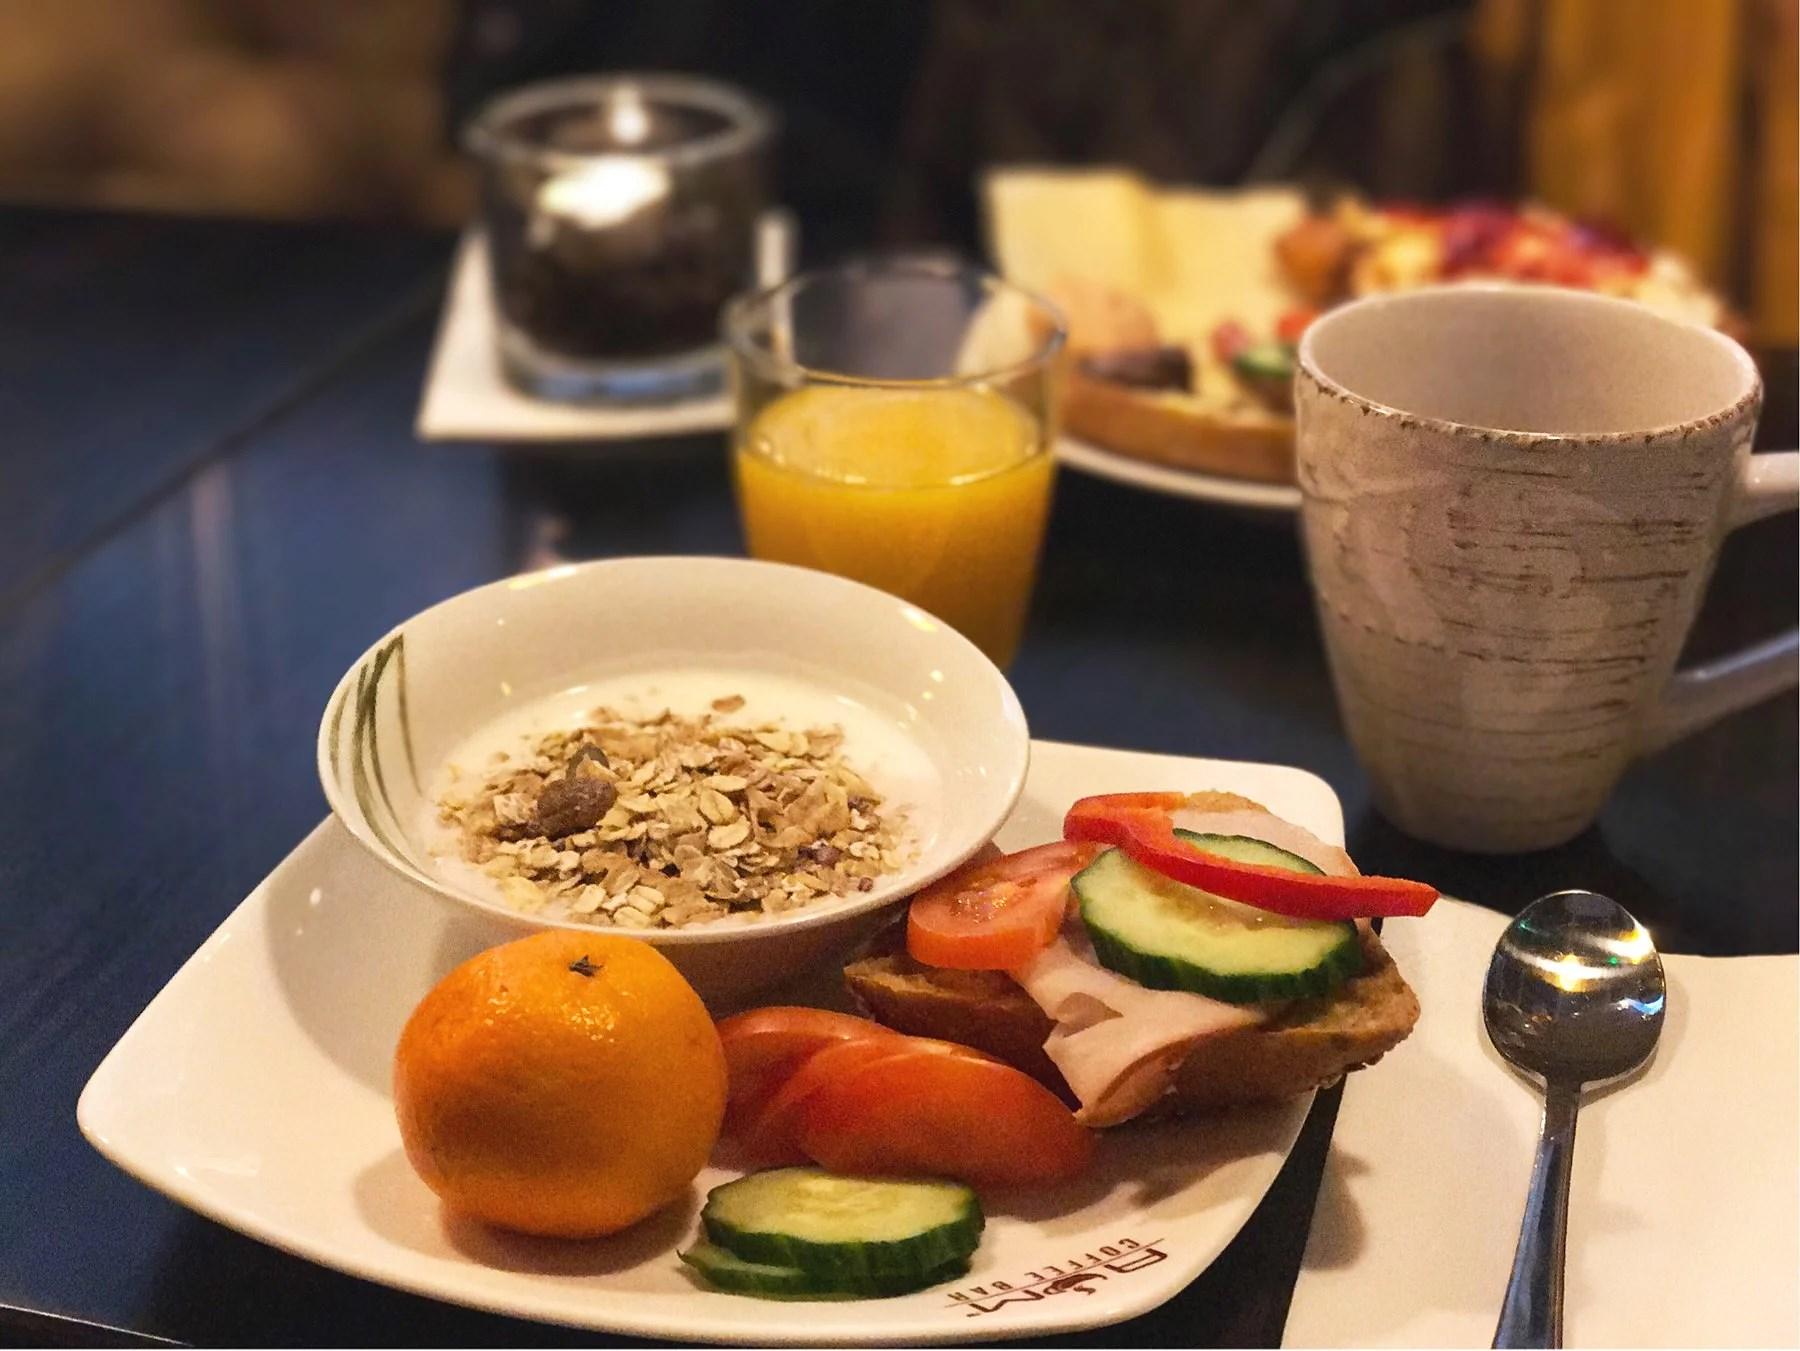 FRUKOST PÅ NYA CAFÉET